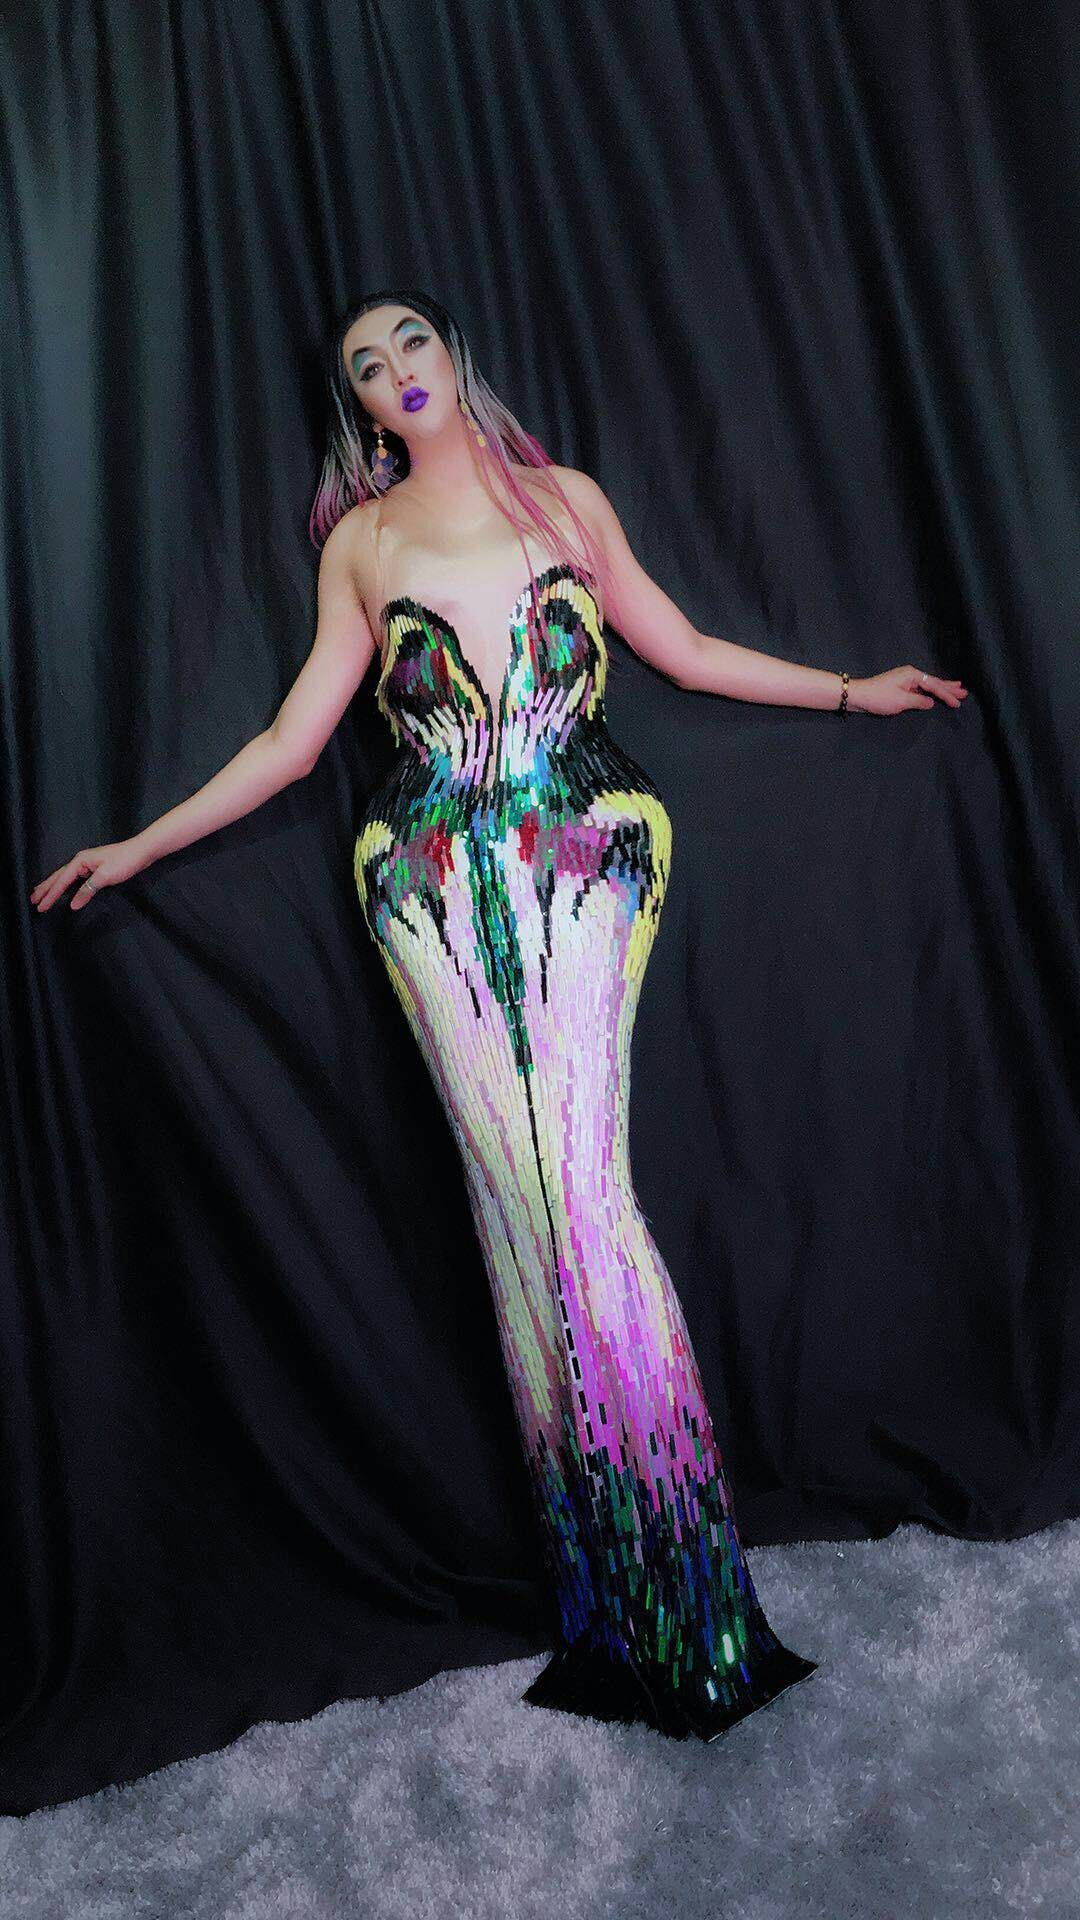 Dj Ds salon de l'auto Sexy robe longue tenue de soirée des femmes robe extensible luxueuse bal d'anniversaire célébrer les robes de chanteuse féminine